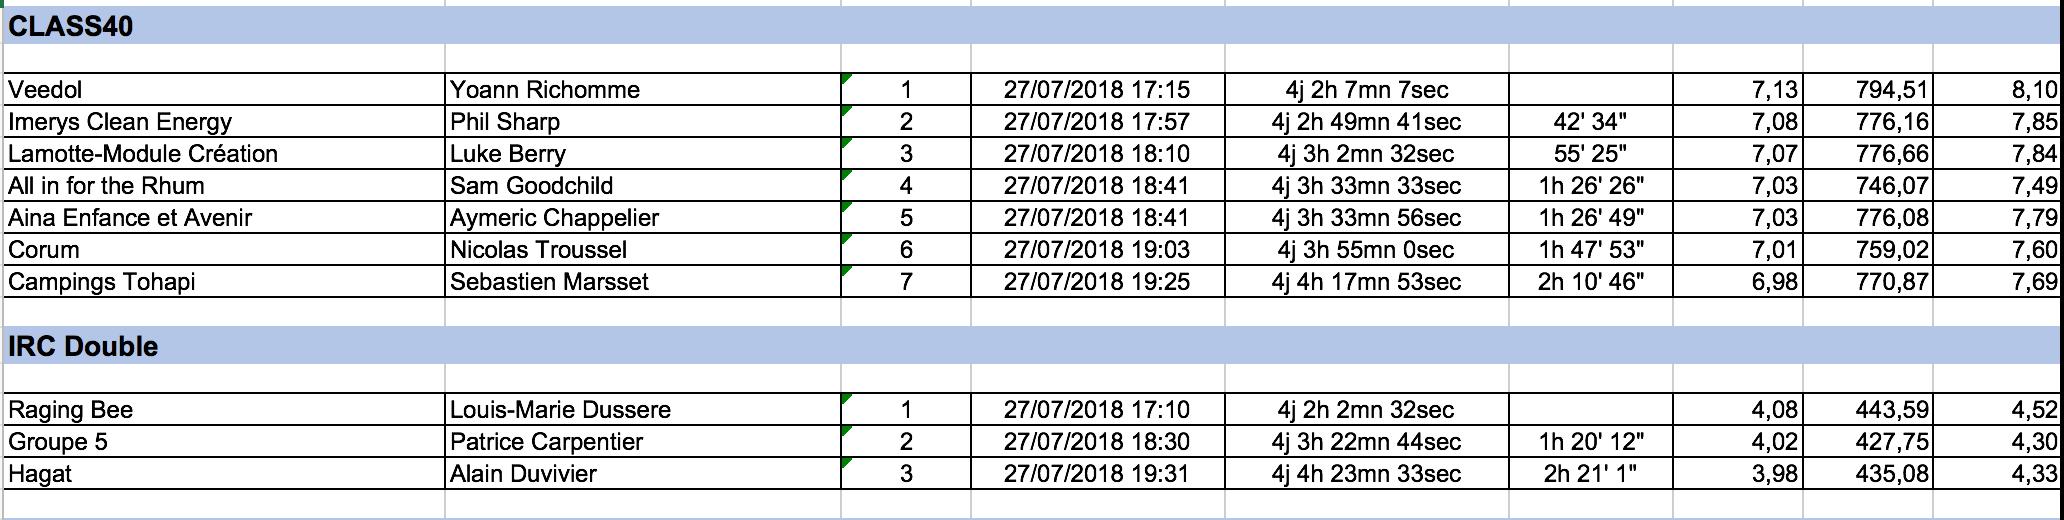 Capture d'écran 2018-07-27 à 21.53.38